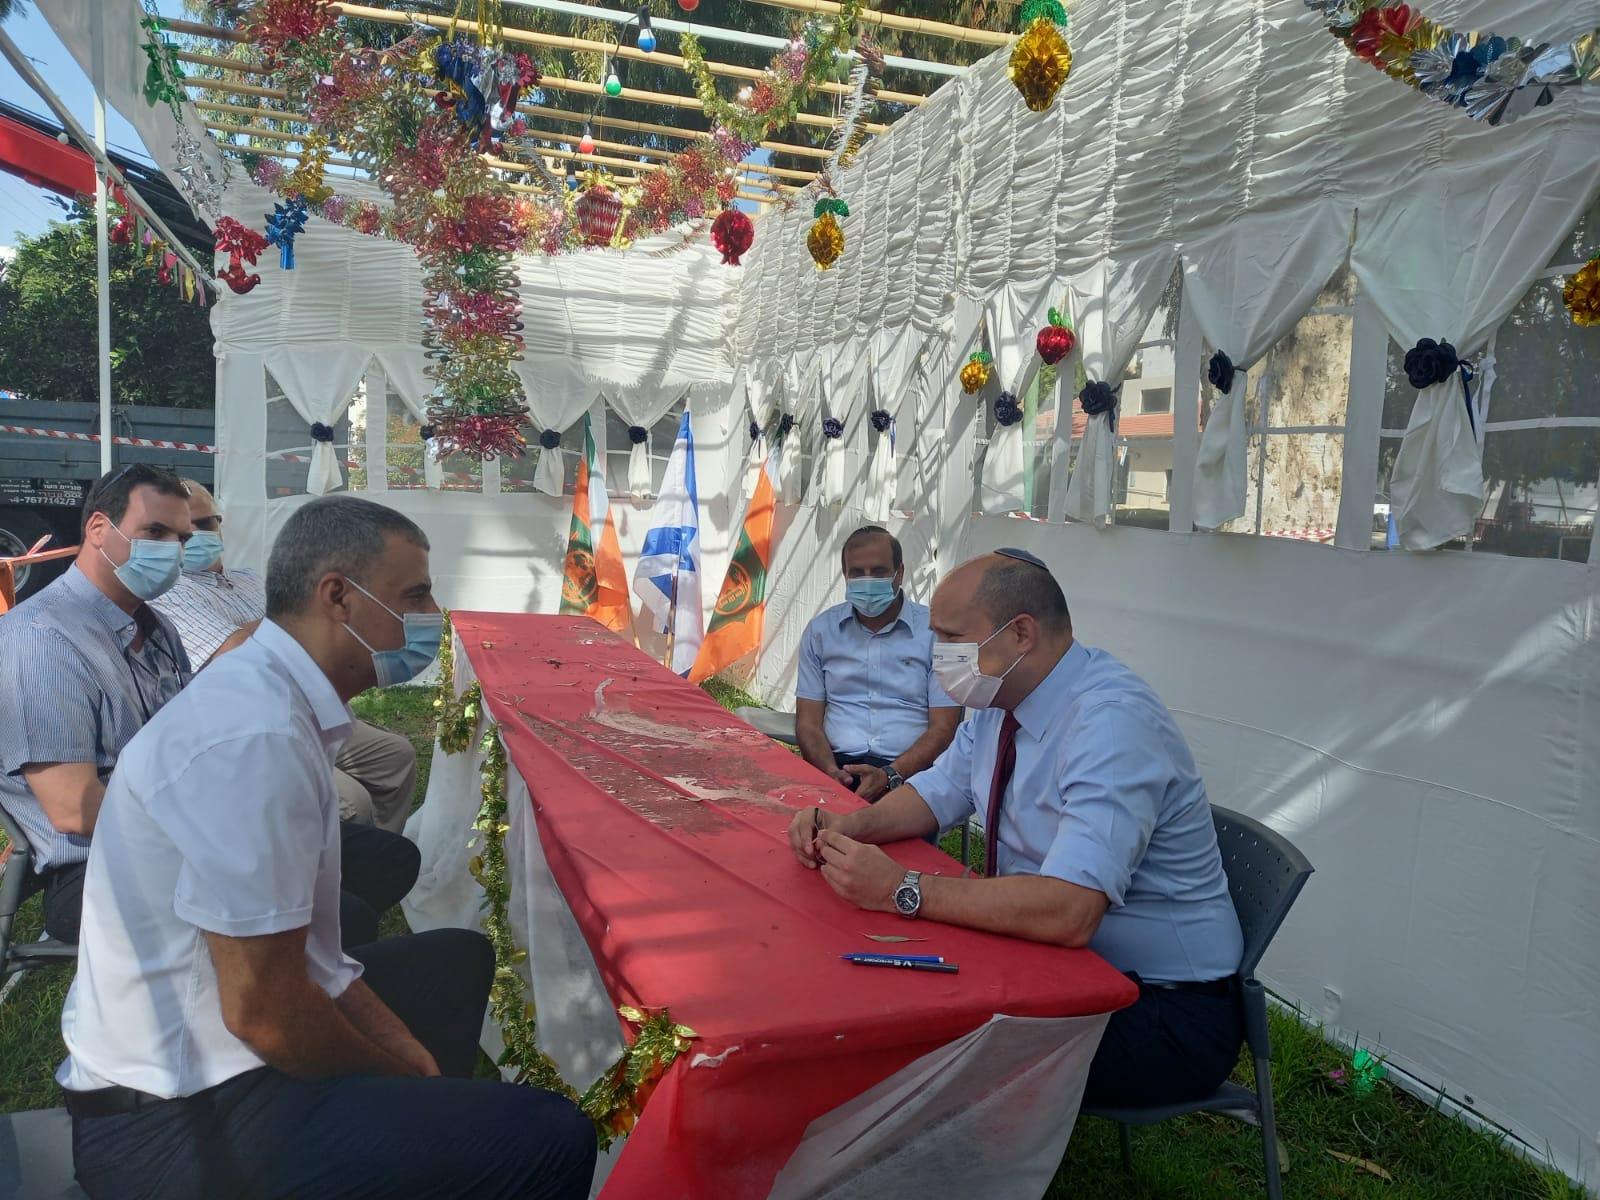 """ח""""כ נפתלי בנט הגיע לביקור בכפר סבא ונכח גם במפגש מקוון עם נציגי החינוך וההוראה בעיר"""